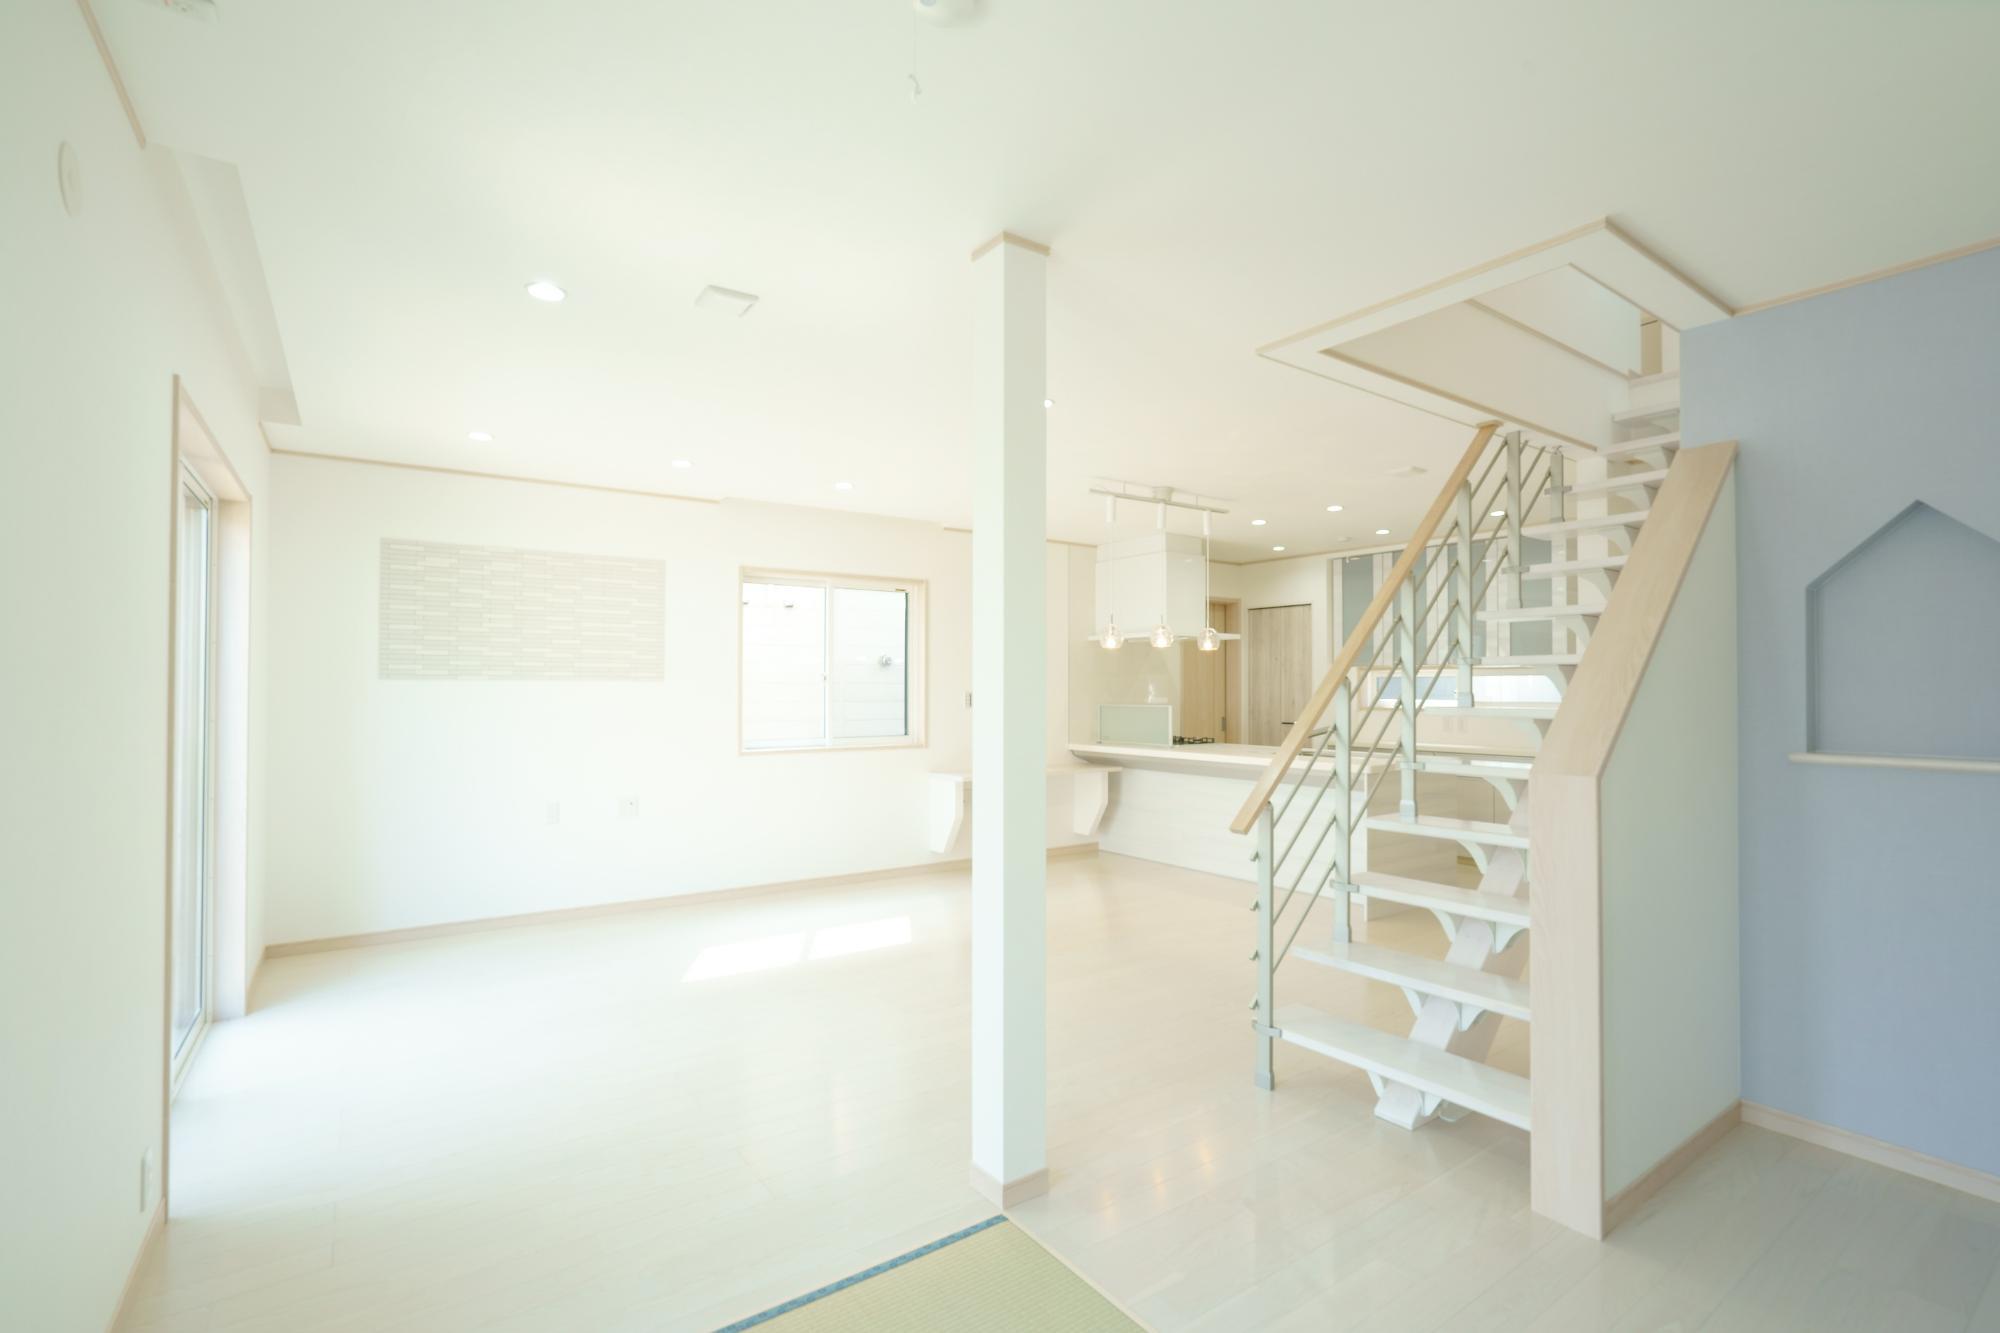 クレバリーホーム新潟 (株)又助組「北欧風 スケルトン階段のお家」のシンプル・ナチュラル・モダン・北欧風なリビング・ダイニングの実例写真